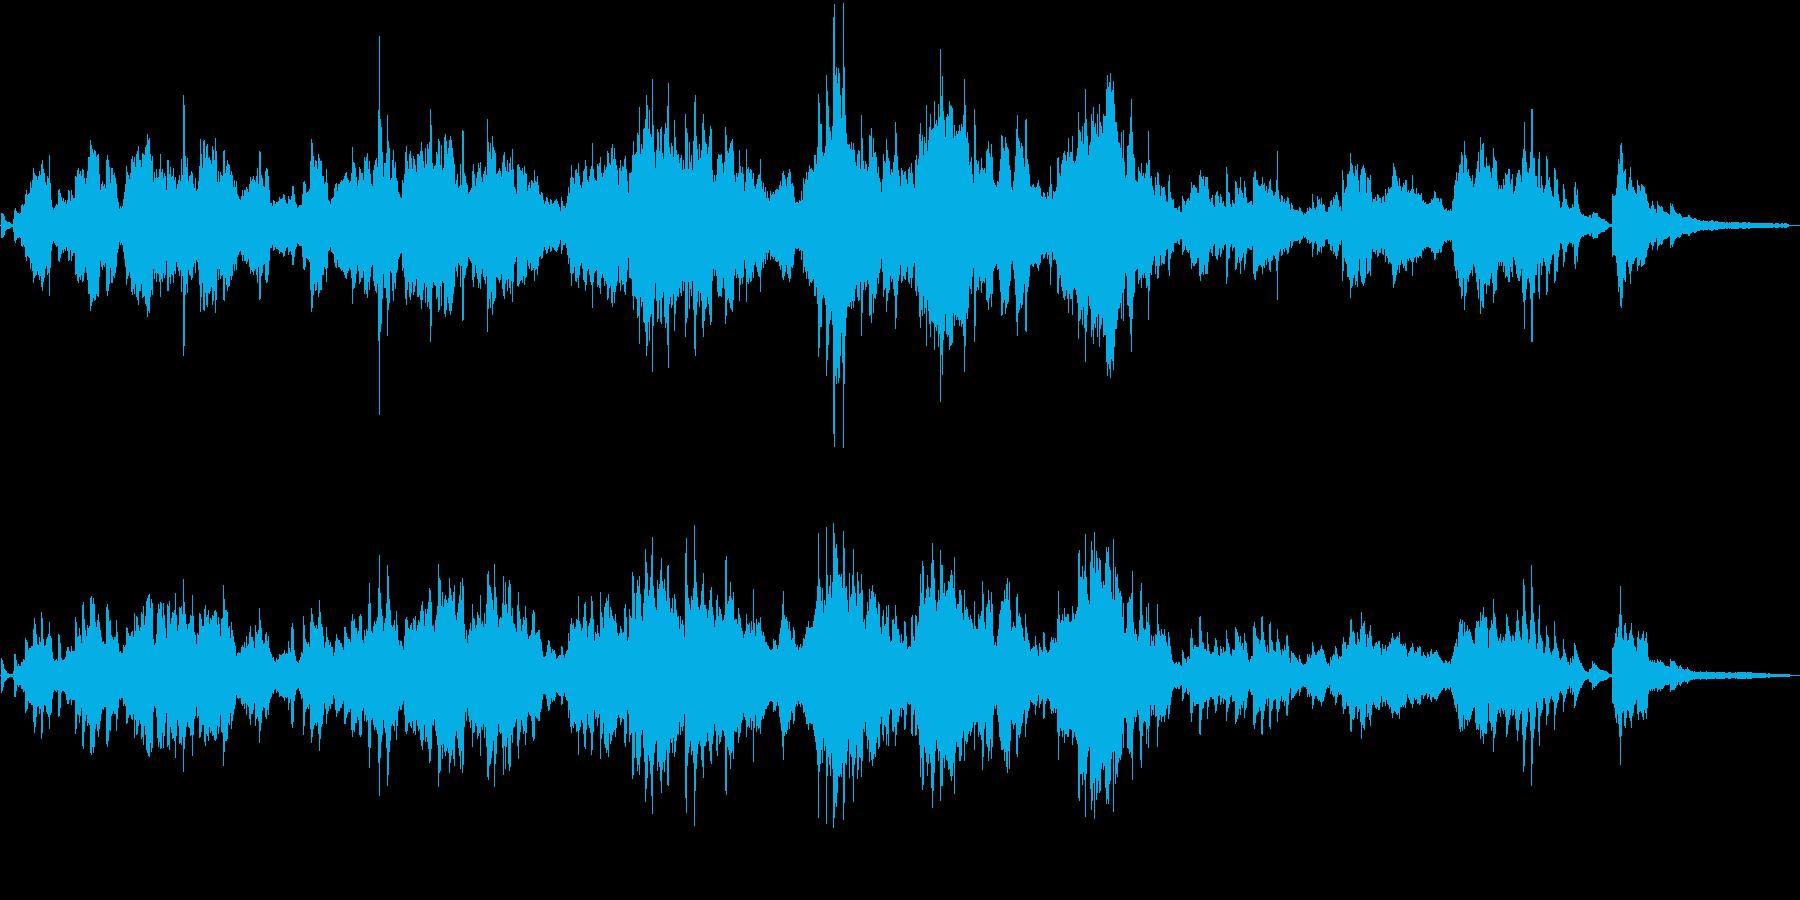 ショパン:エオリアン・ハープの再生済みの波形